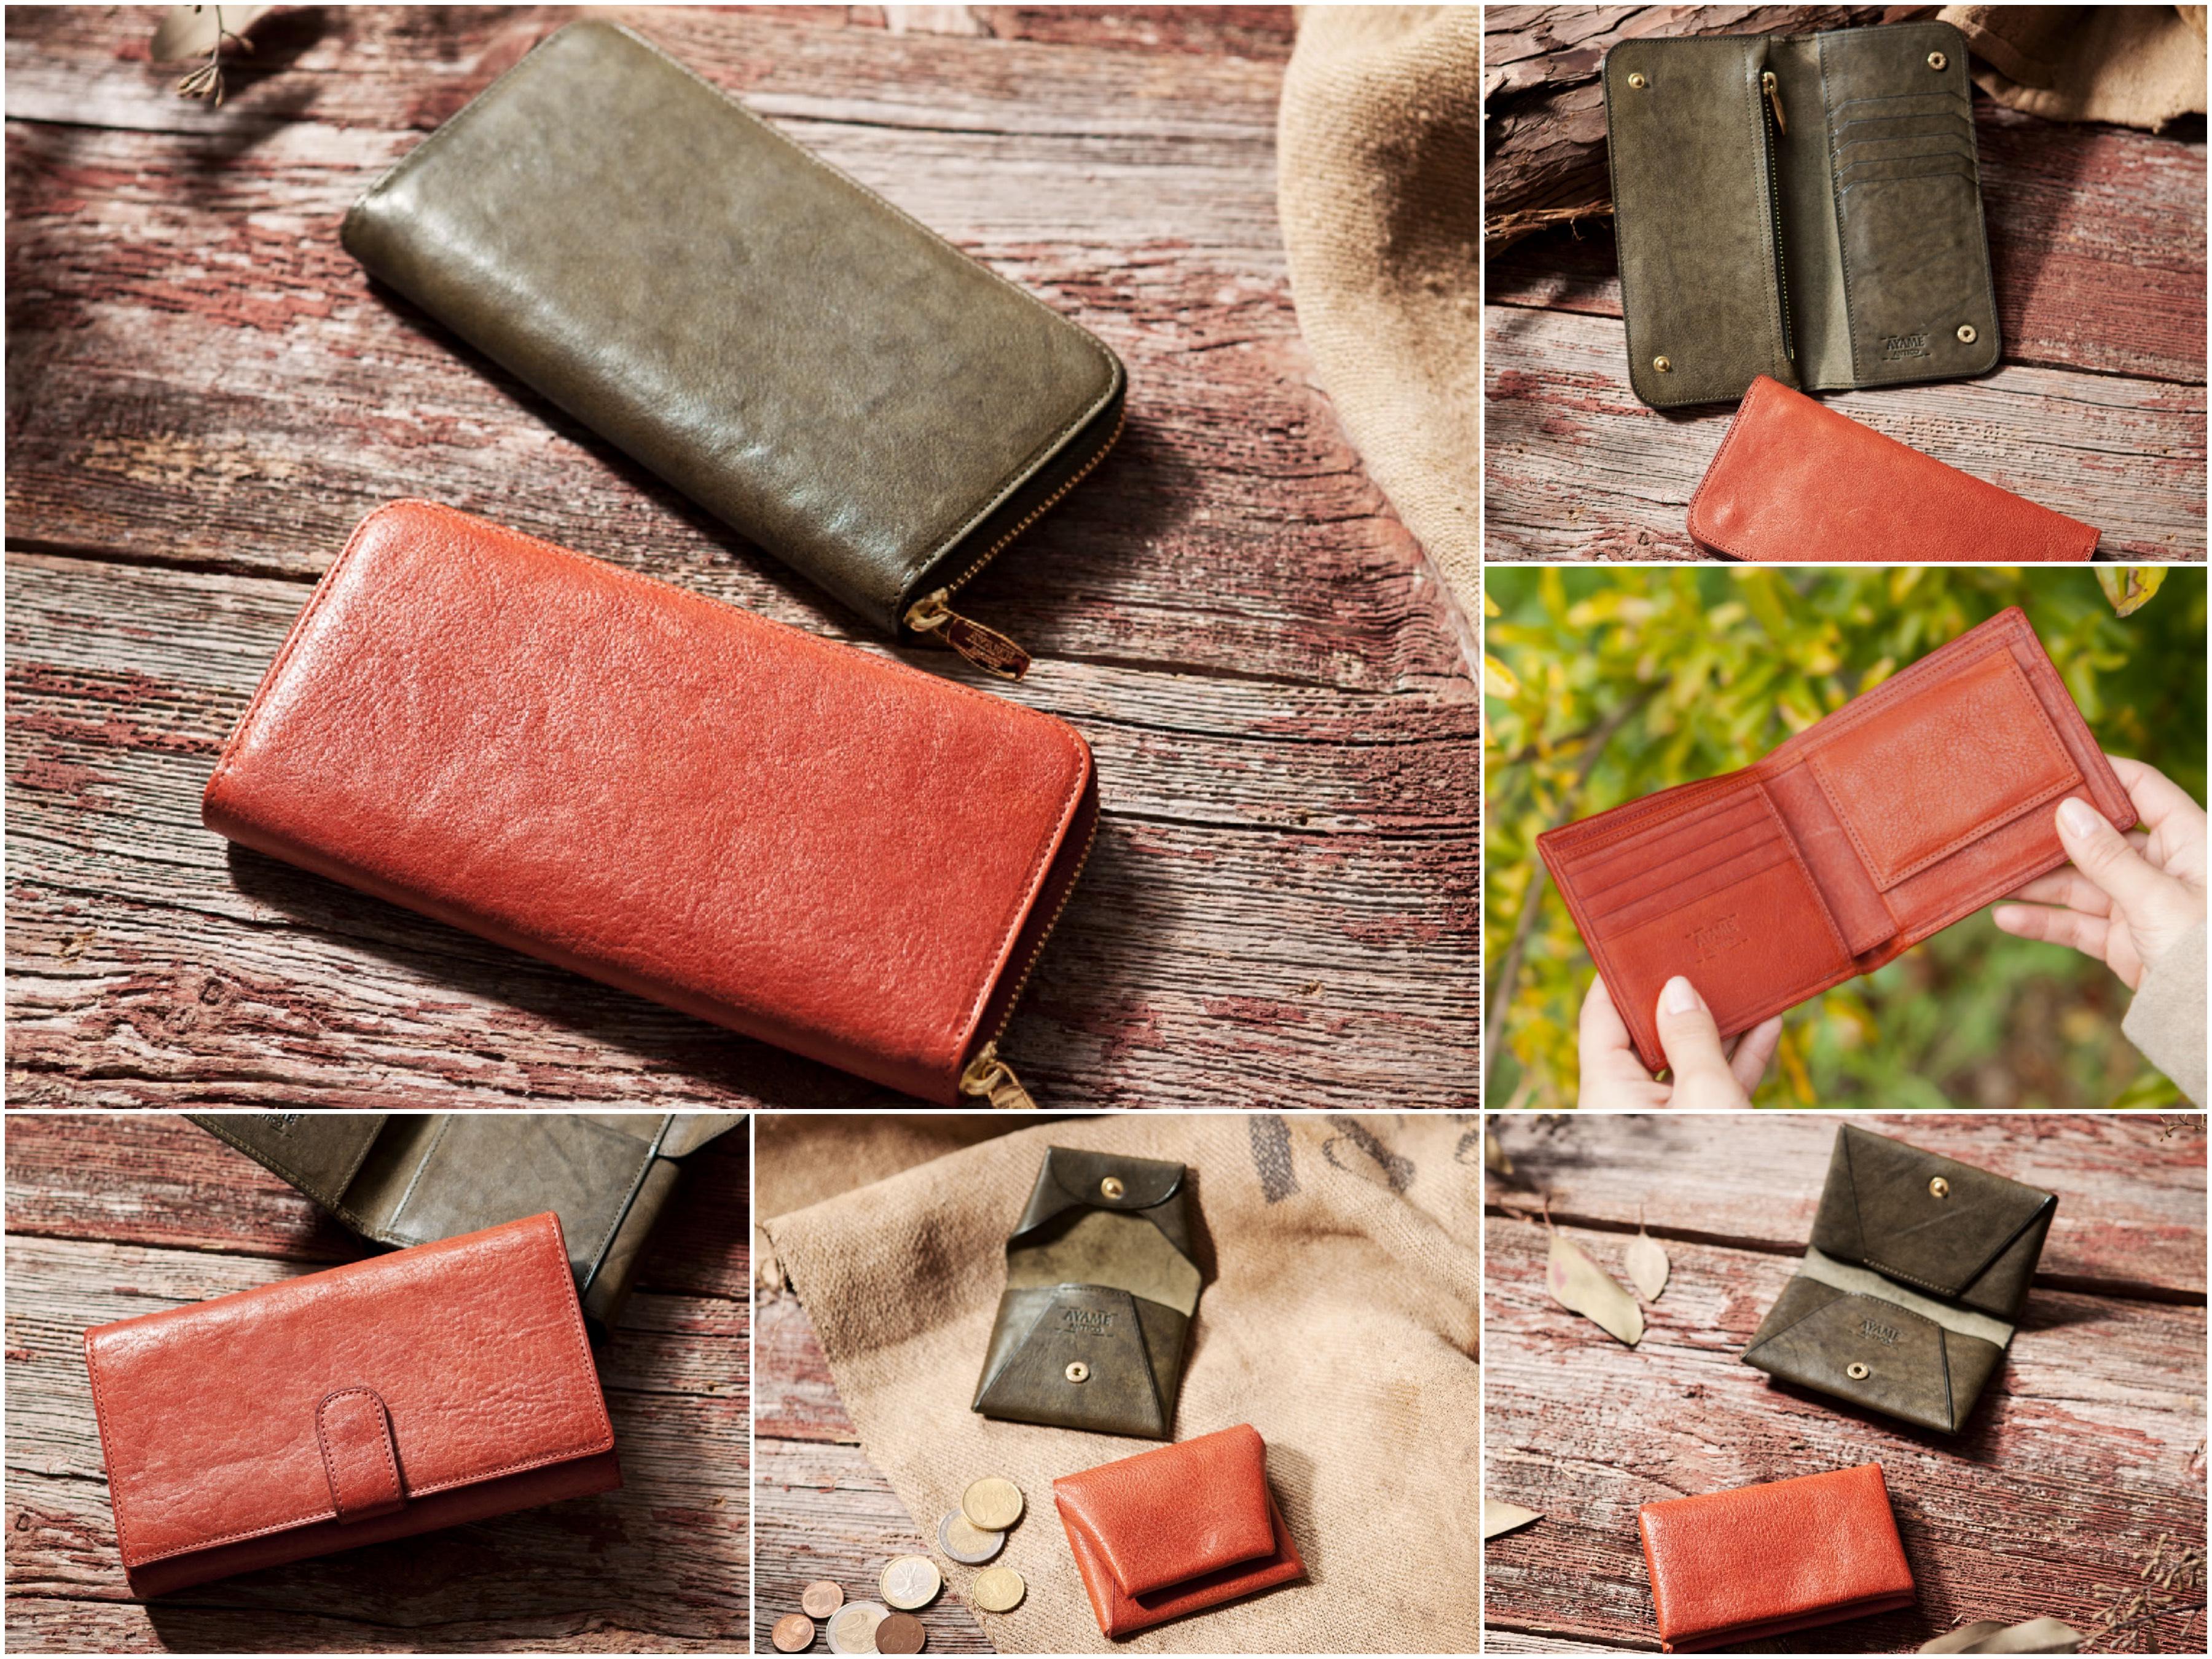 アルトアッシュガートの財布と名刺入れ